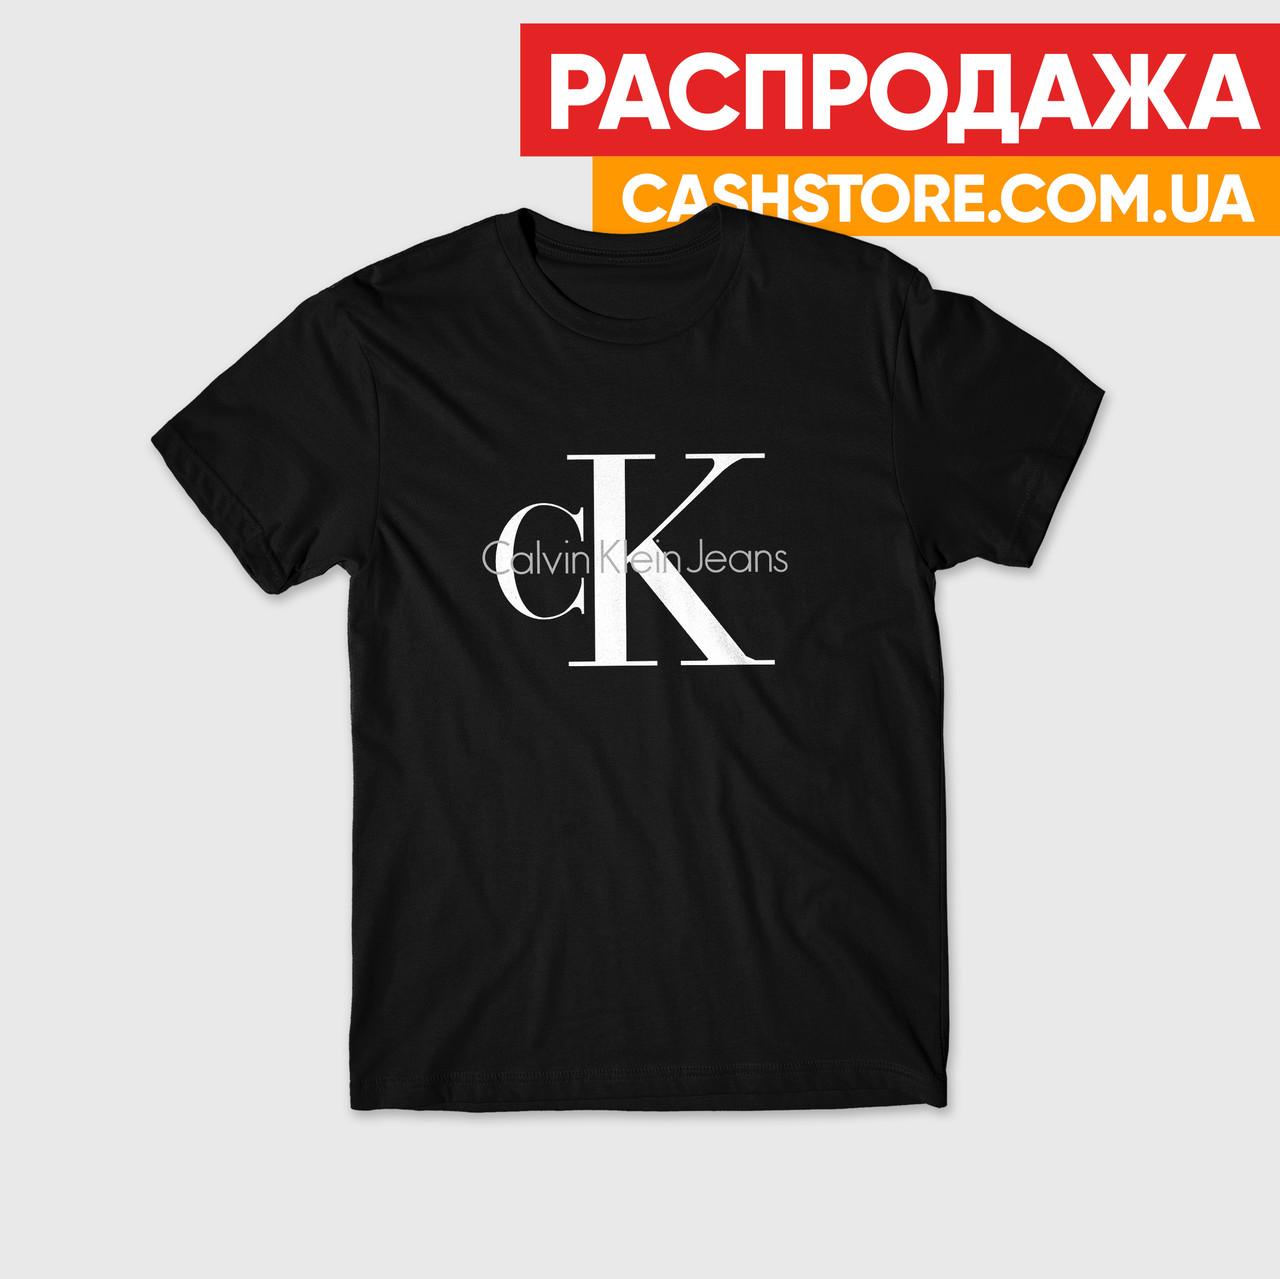 5c86aa3d4319a Футболка | Calvin Klein | Размер M | Мужская купить на cashstore.com.ua